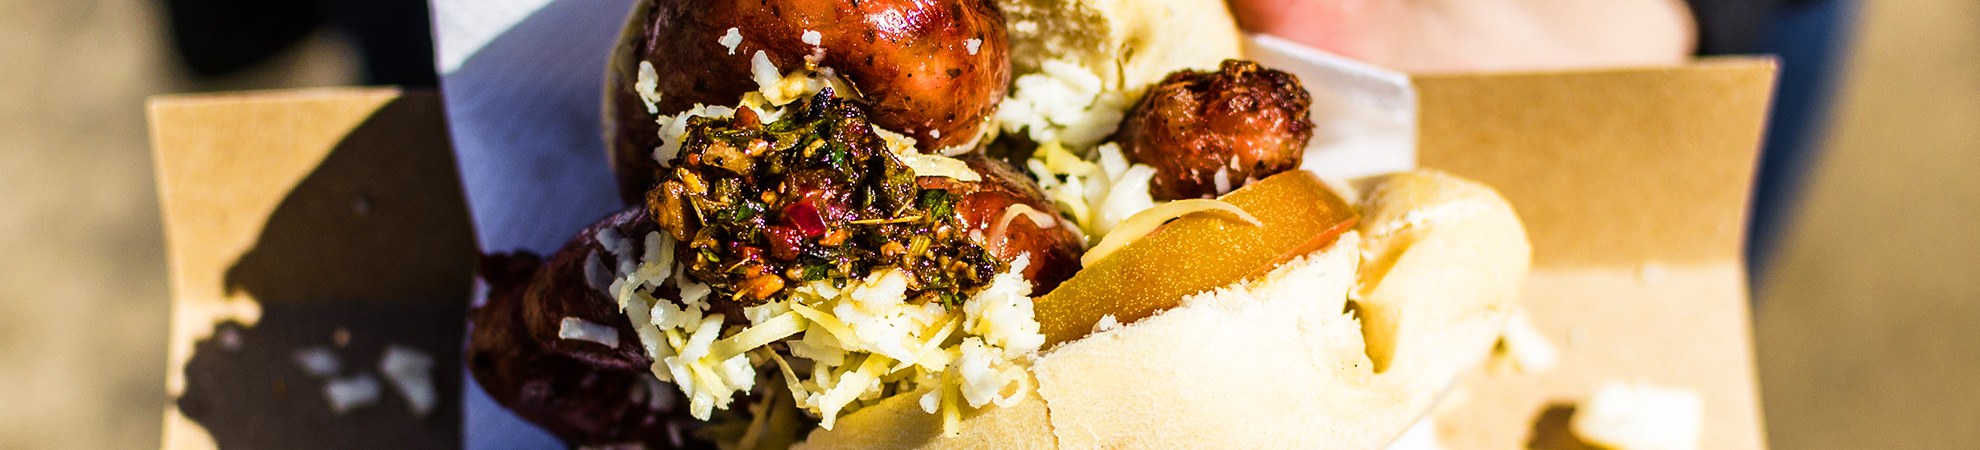 Les spécialités culinaires en Argentine